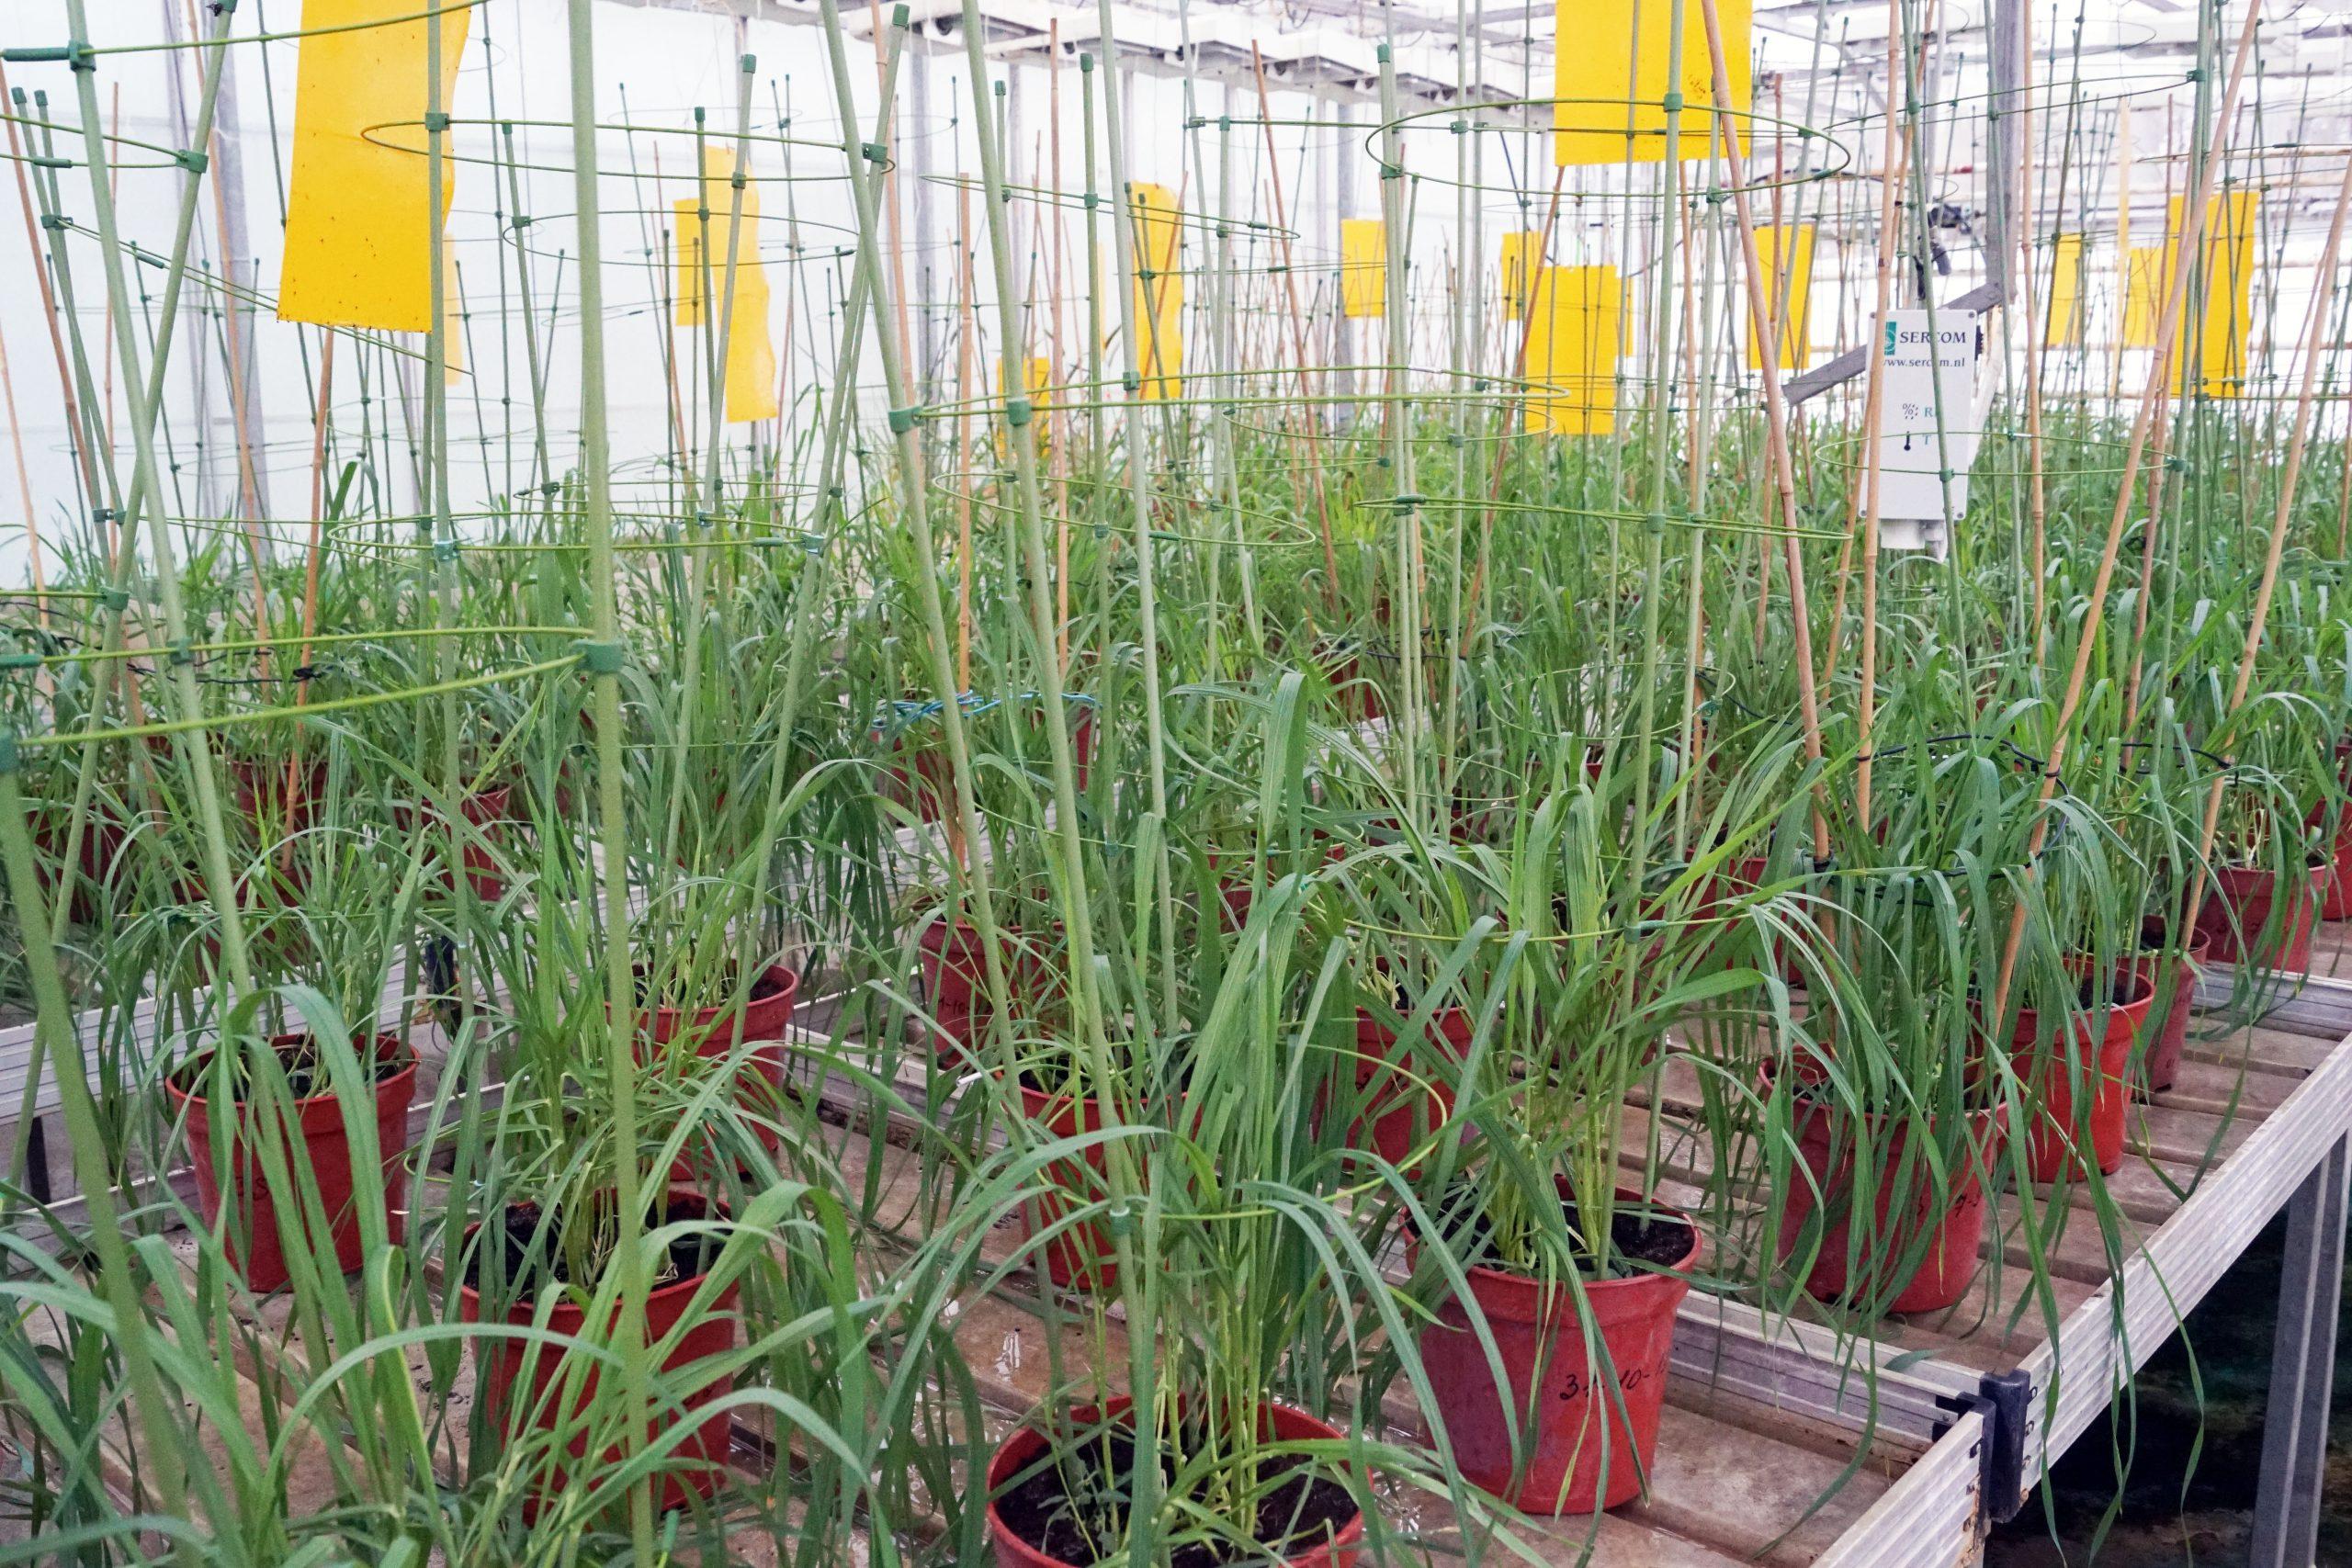 Ученые отредактировали геном мягкой пшеницы